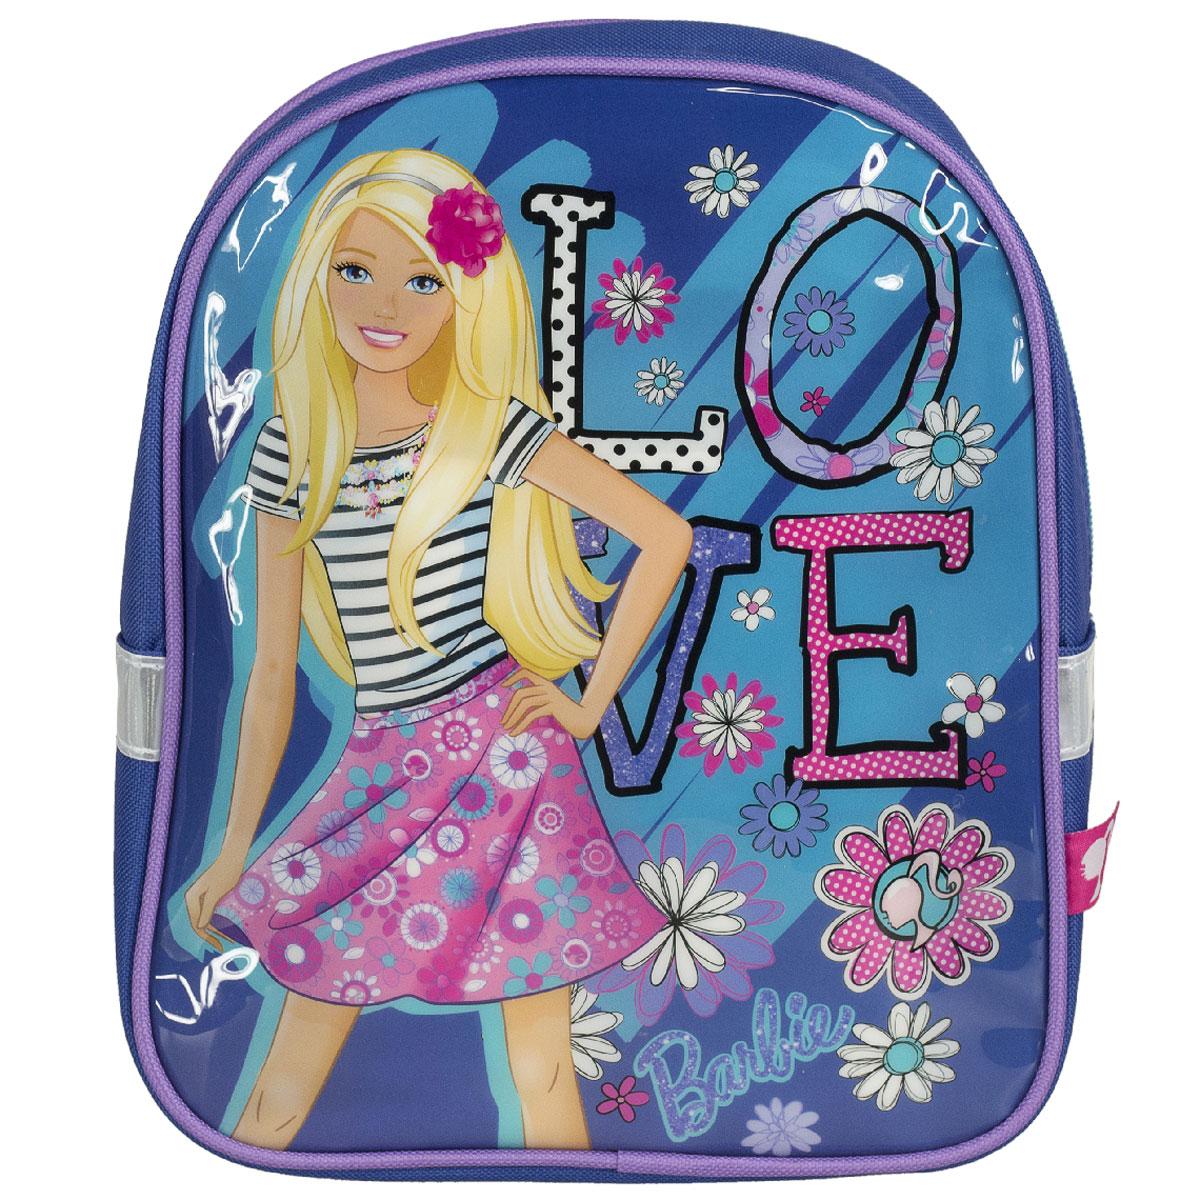 Рюкзак детский Barbie, цвет: синий. BRCB-UT4-521BRCB-UT4-521Детский рюкзак Barbie - это незаменимая вещь для прогулок и повседневных дел, в нем можно разместить самые важные вещи. Пусть у вашего ребенка тоже будет свой собственный рюкзак. Выполнен из прочных и безопасных материалов. Передняя панель украшена ярким изображением куклы Барби. У модели одно вместительное отделение на застежке-молнии. Широкие лямки можно свободно регулировать по длине в зависимости от роста ребенка. Рюкзак оснащен текстильной ручкой для переноски в руке. Светоотражающие элементы обеспечивают безопасность в темное время сутокРекомендуемый возраст: от 7 лет.